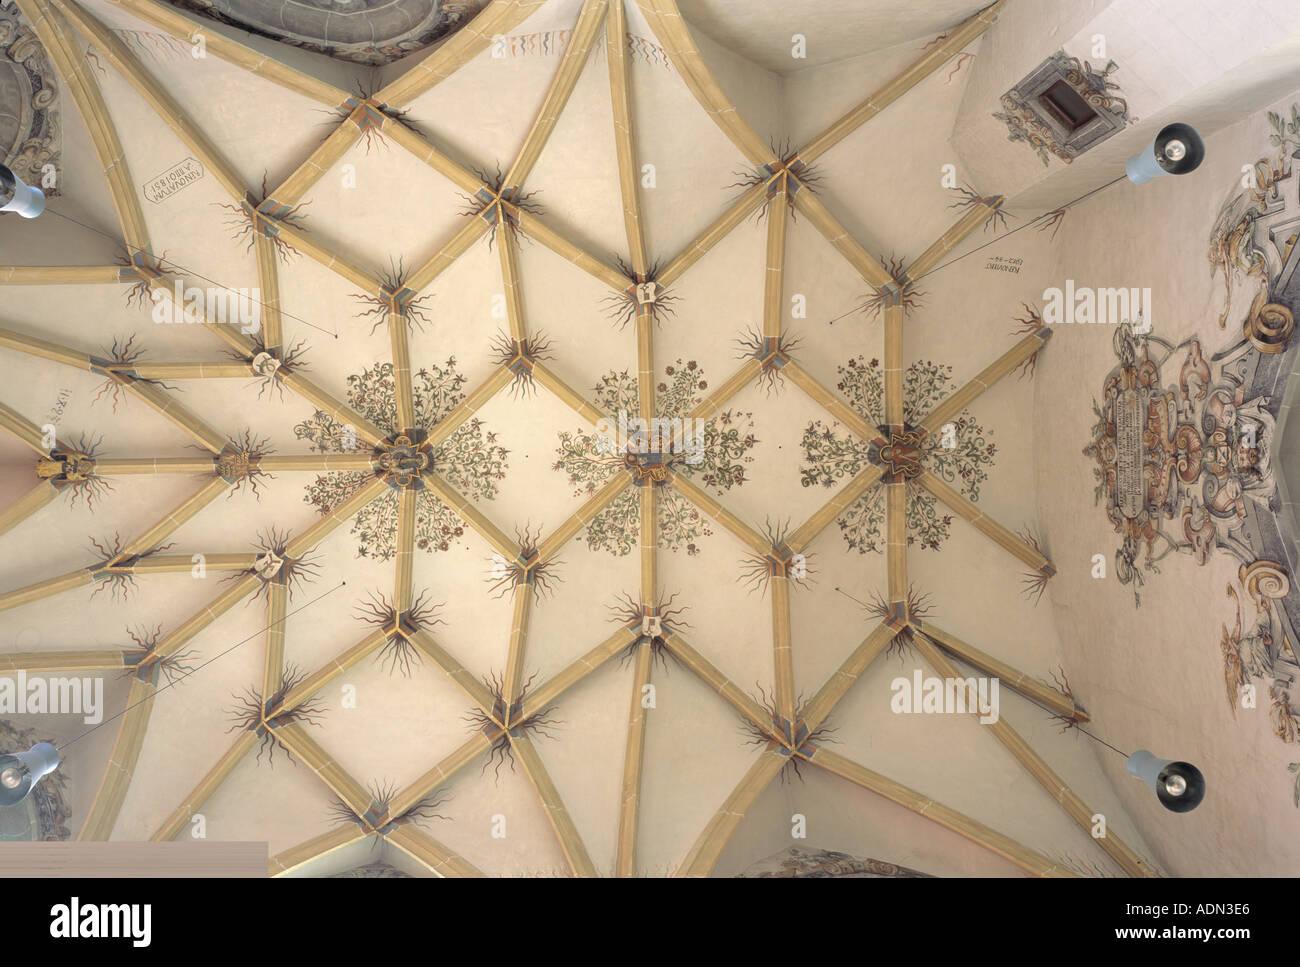 Weilheim an der Teck, Peterskirche, Gewölbe im Chor - Stock Image